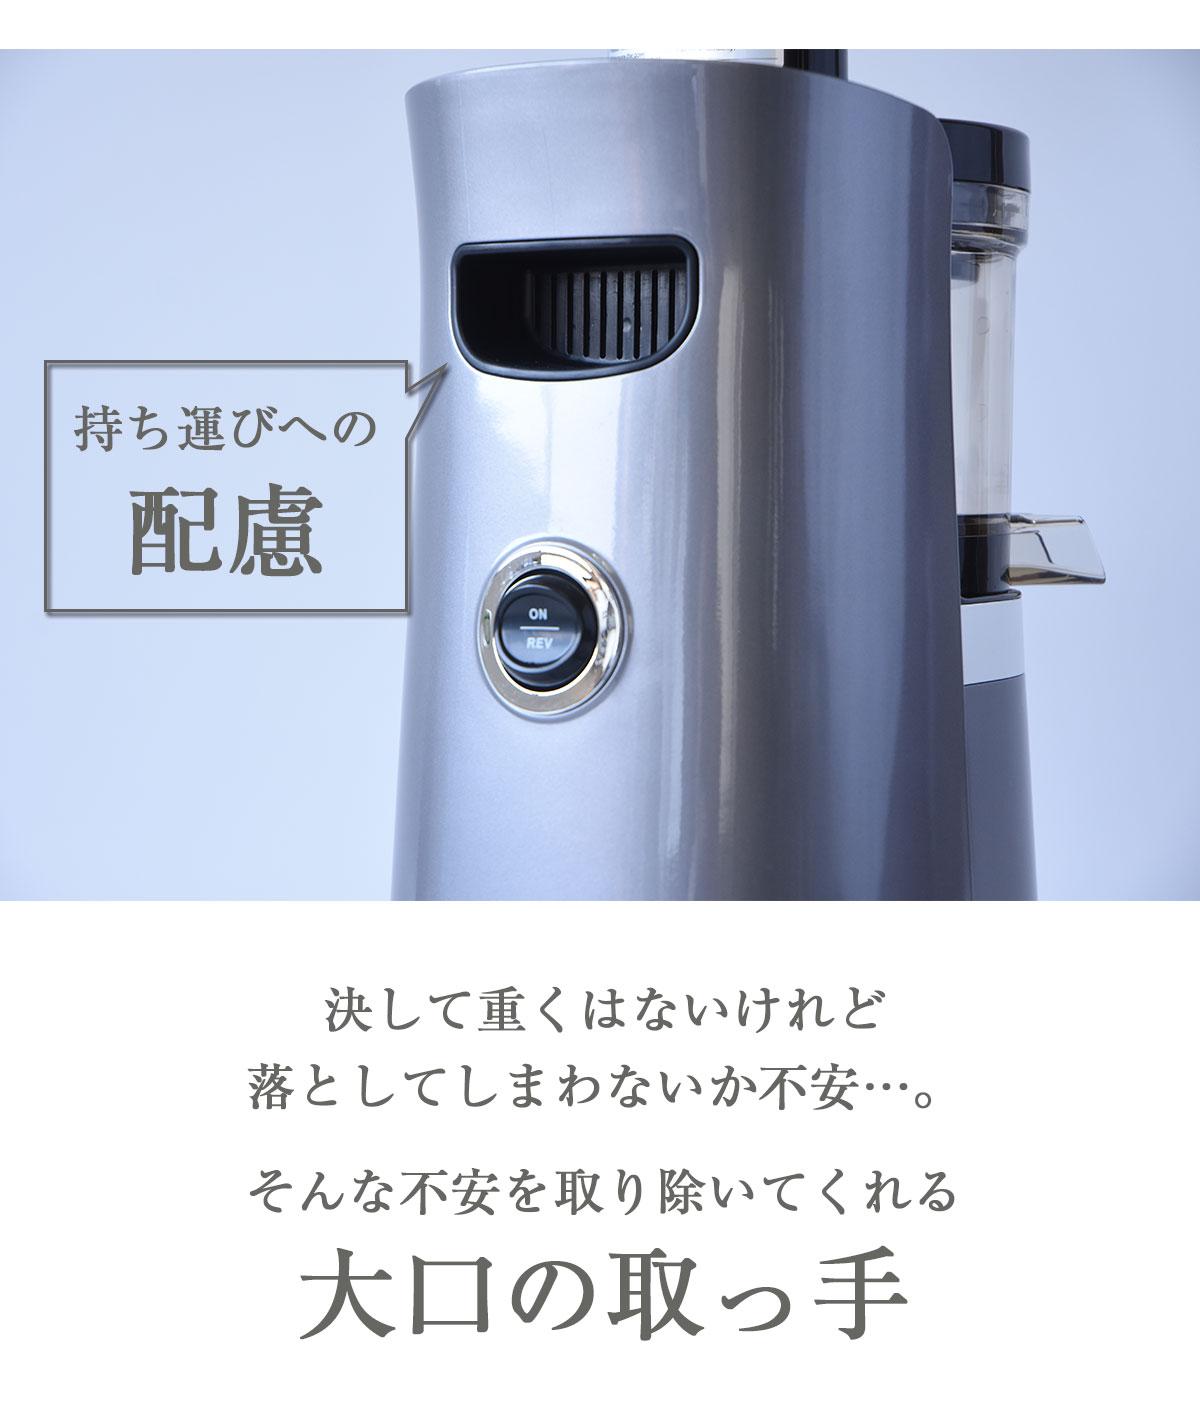 2021年新モデル ヒューロムスロージューサー S13 シルバー 1台 ゲルソン療法 エントリーモデル